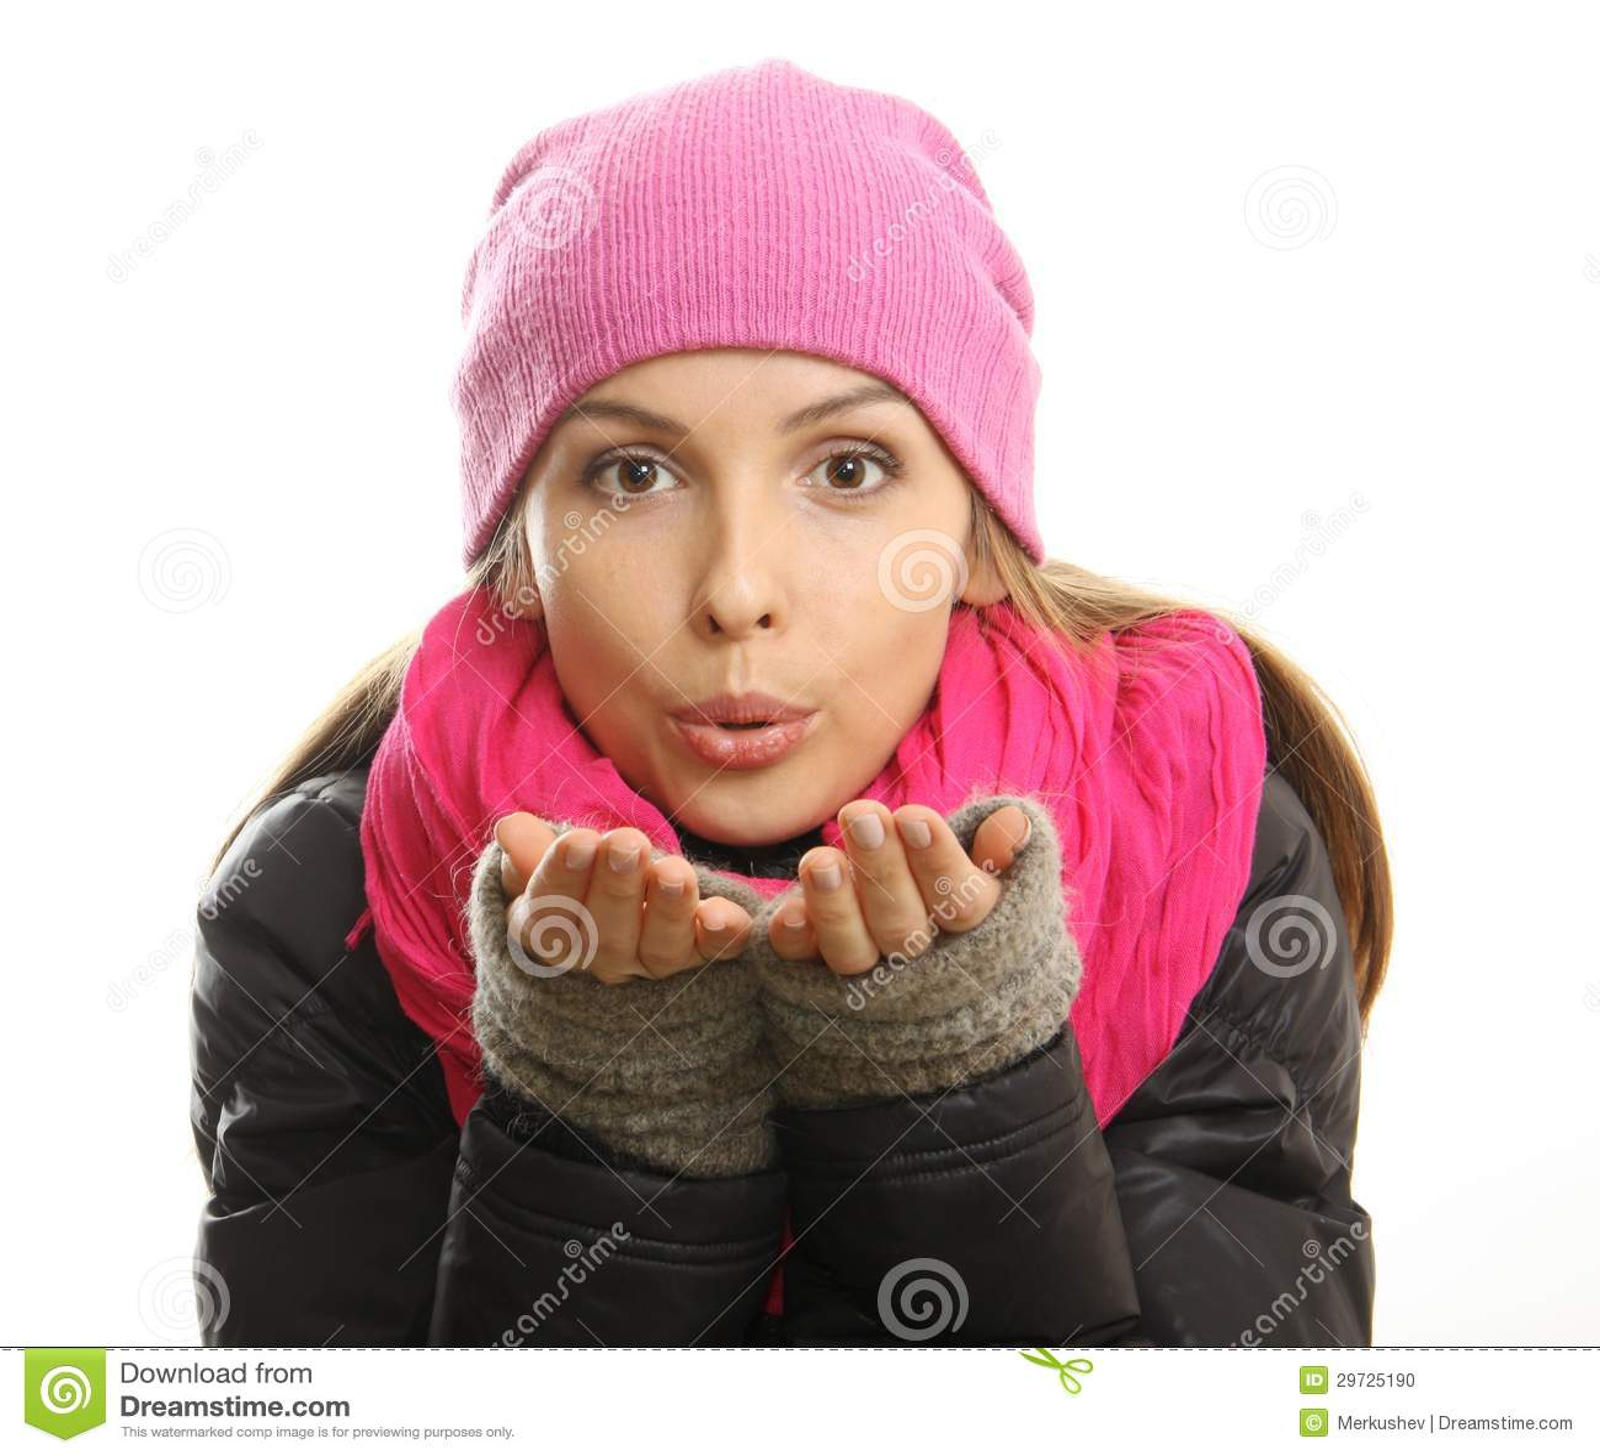 Zimy dziewczyny portret odizolowywający na białym tle.